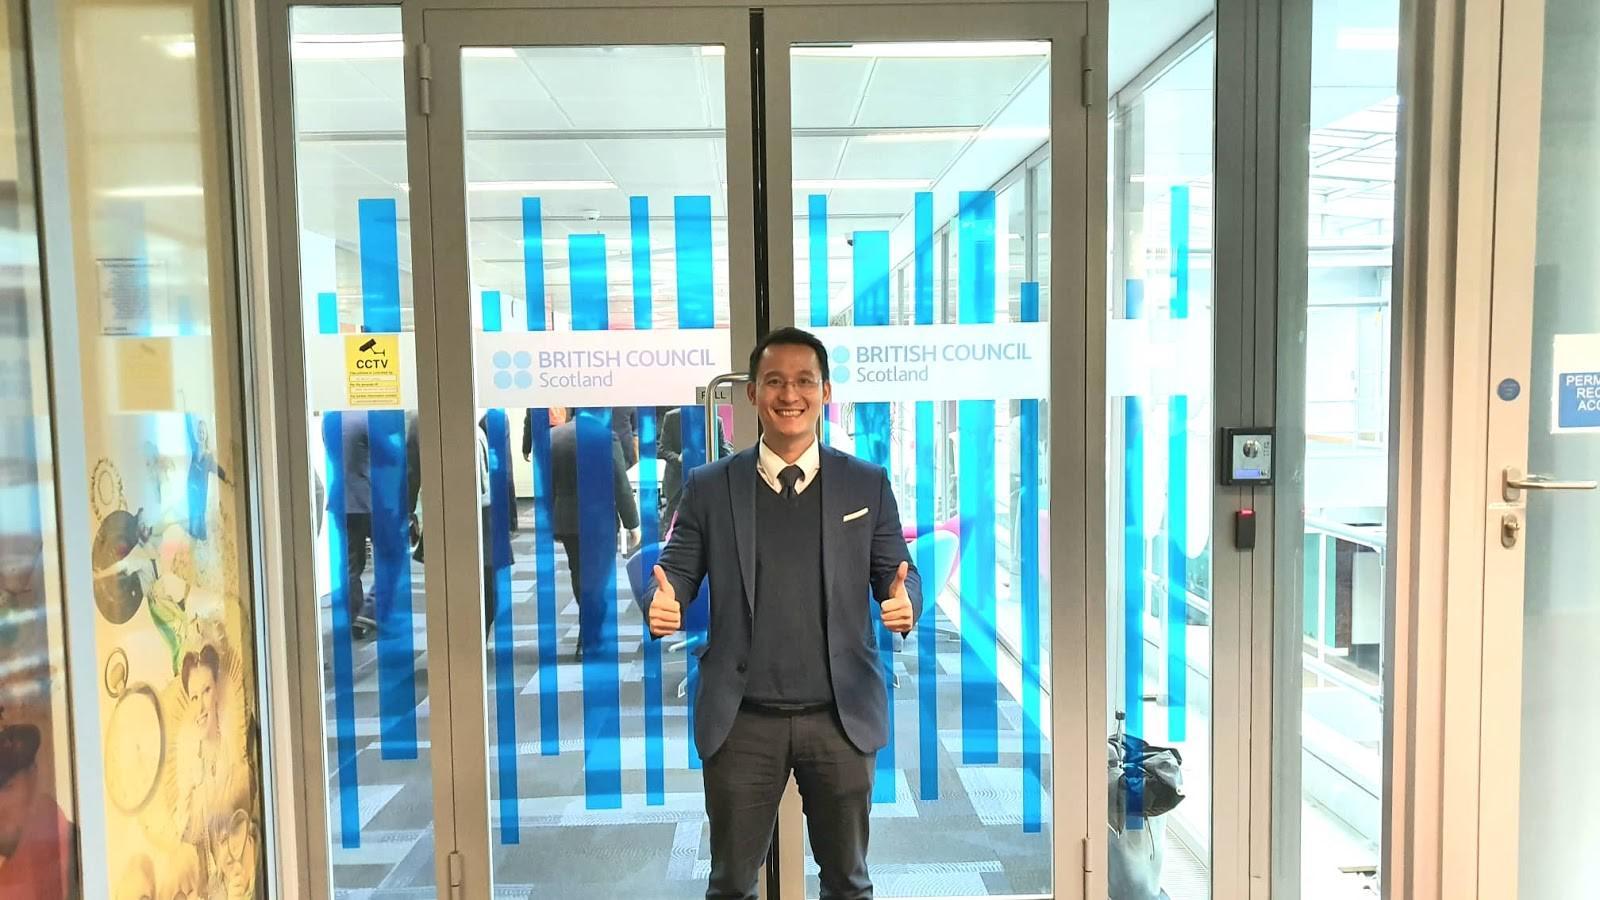 TS Đinh Văn Thành tại trụ sở của British Council, Edinburgh, UK tìm hiểu thông tin về du học Anh Quốc.